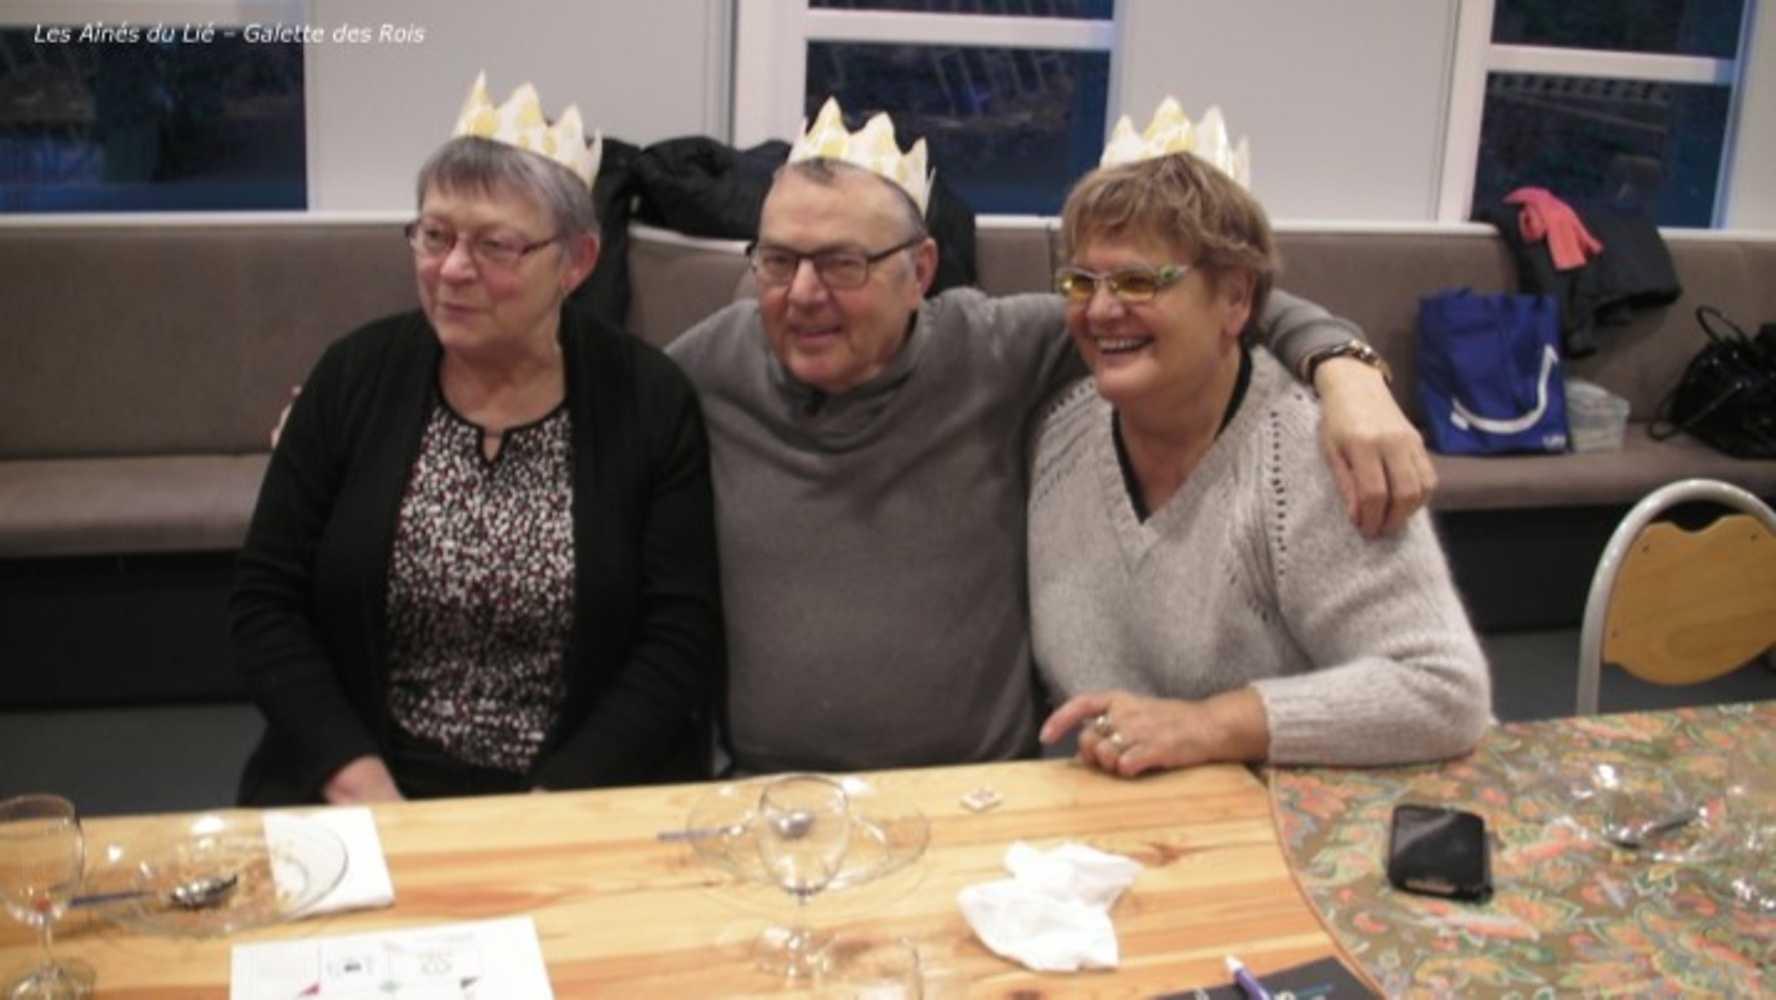 Les Aînés du Lié : photos de la galette des rois image15